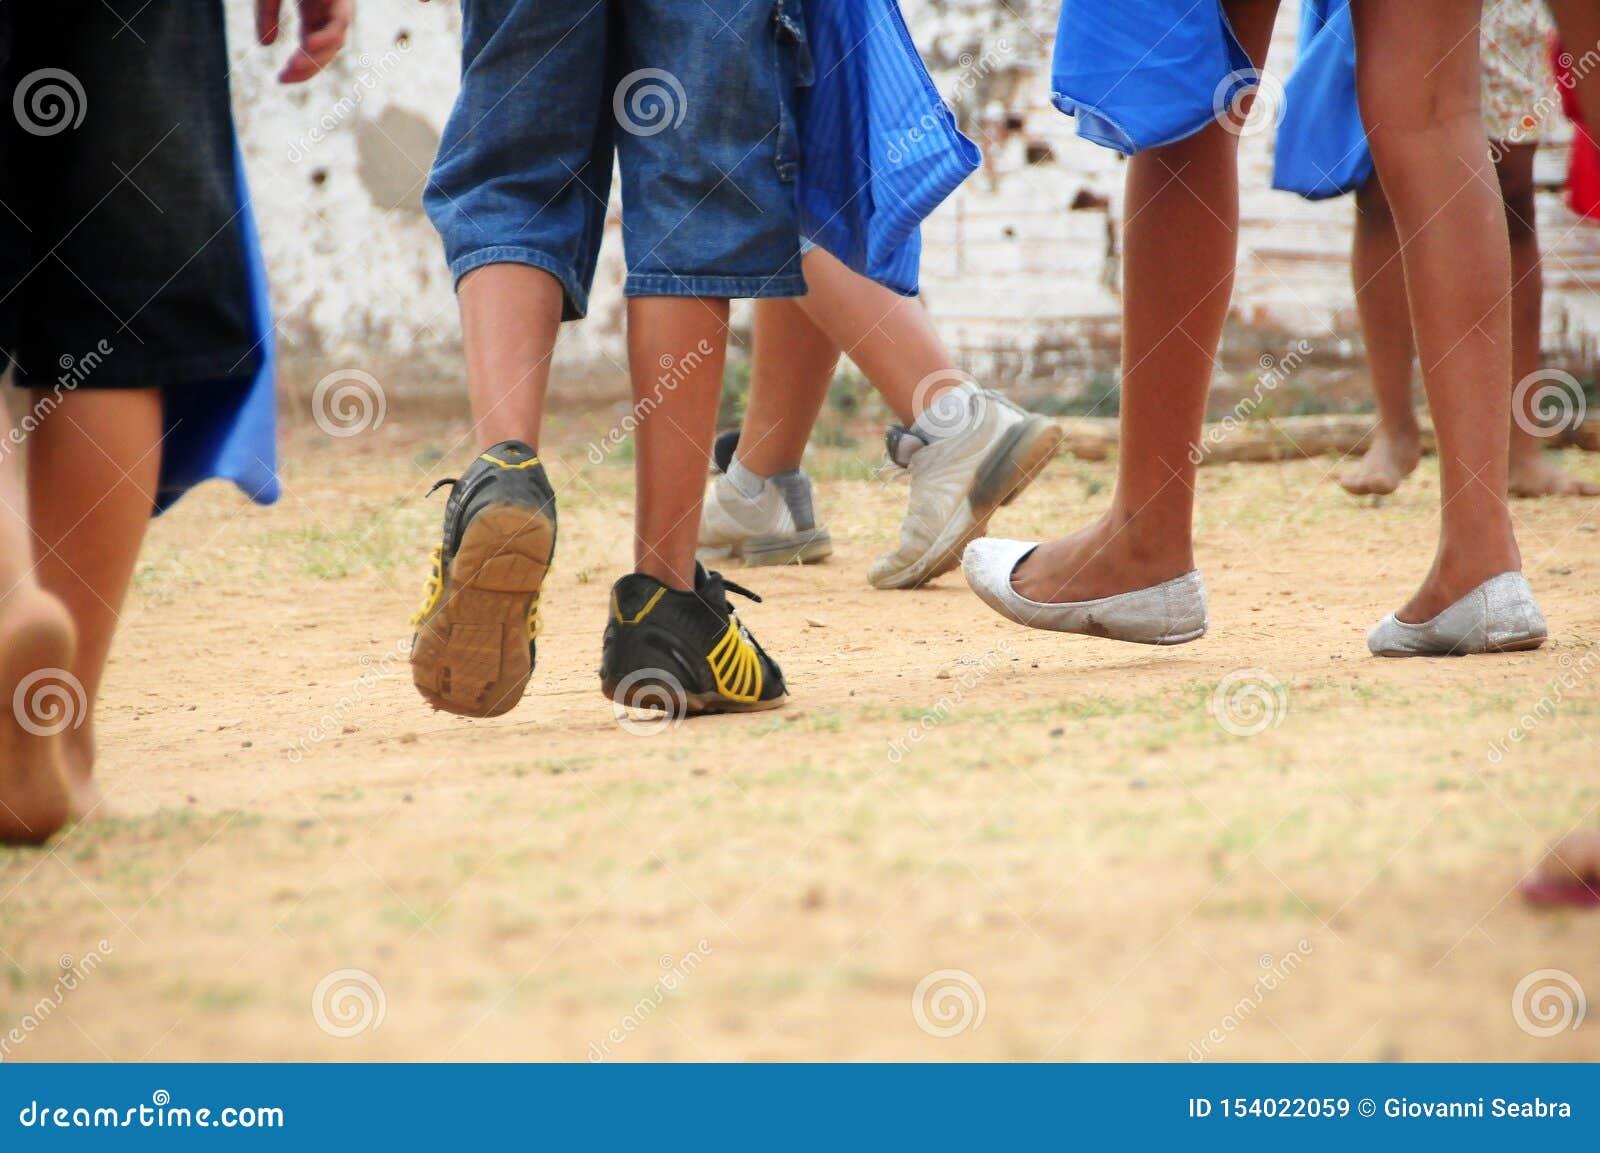 Schlechte laufende und spielende Kinderbeine